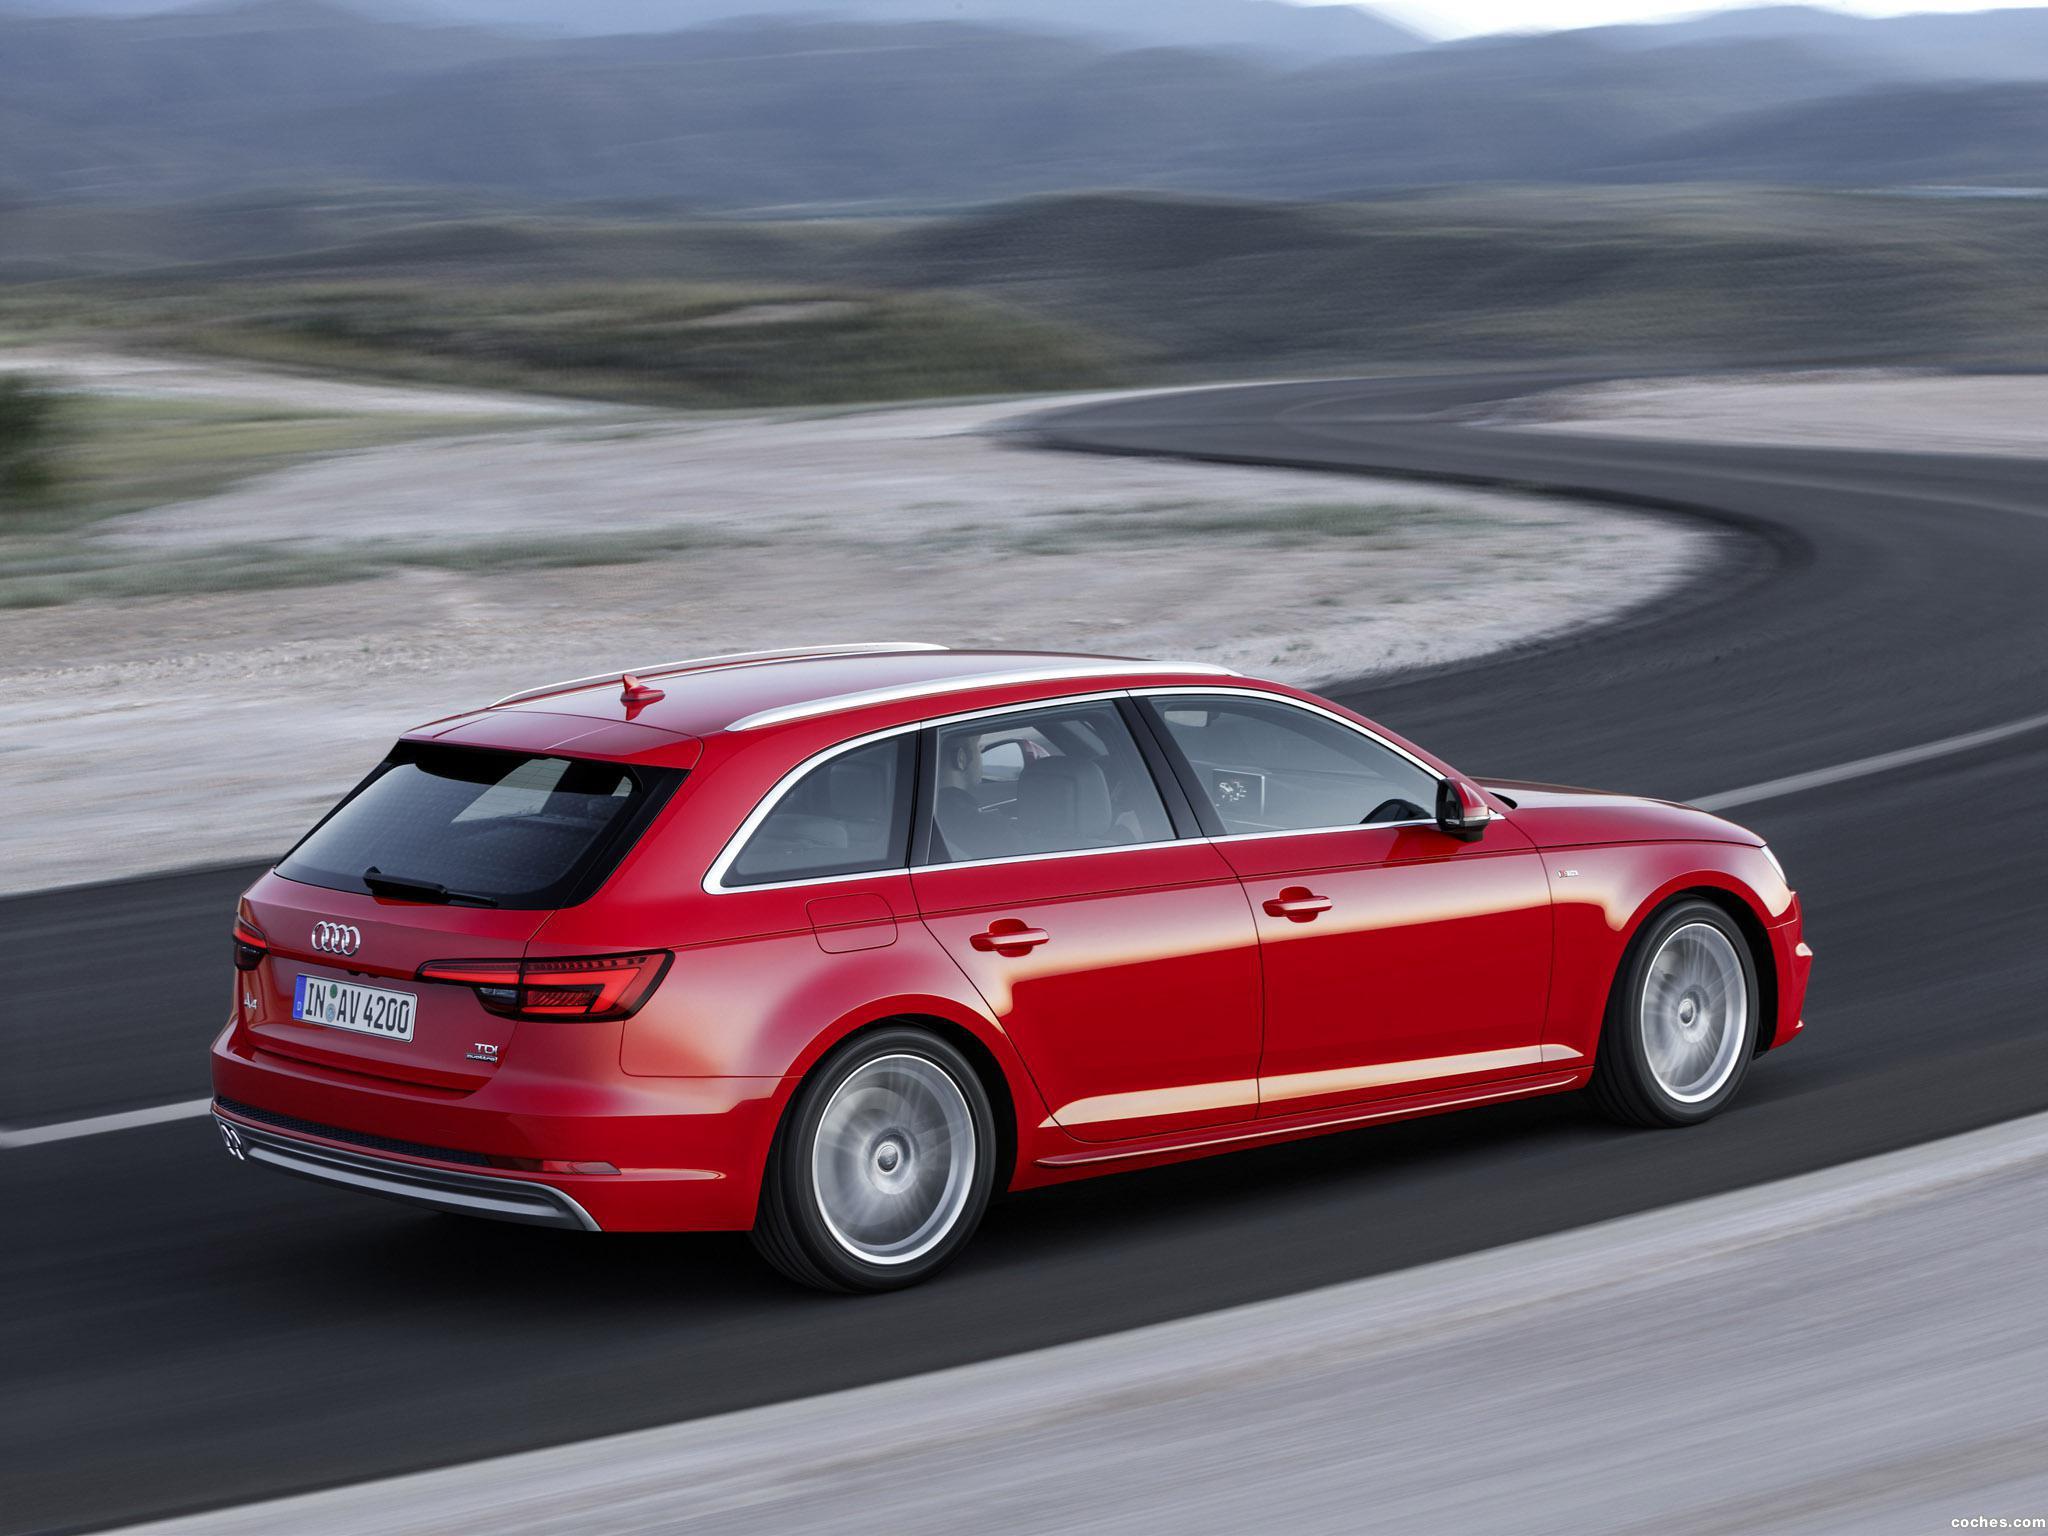 Audi a4 avant 30 tdi 2015